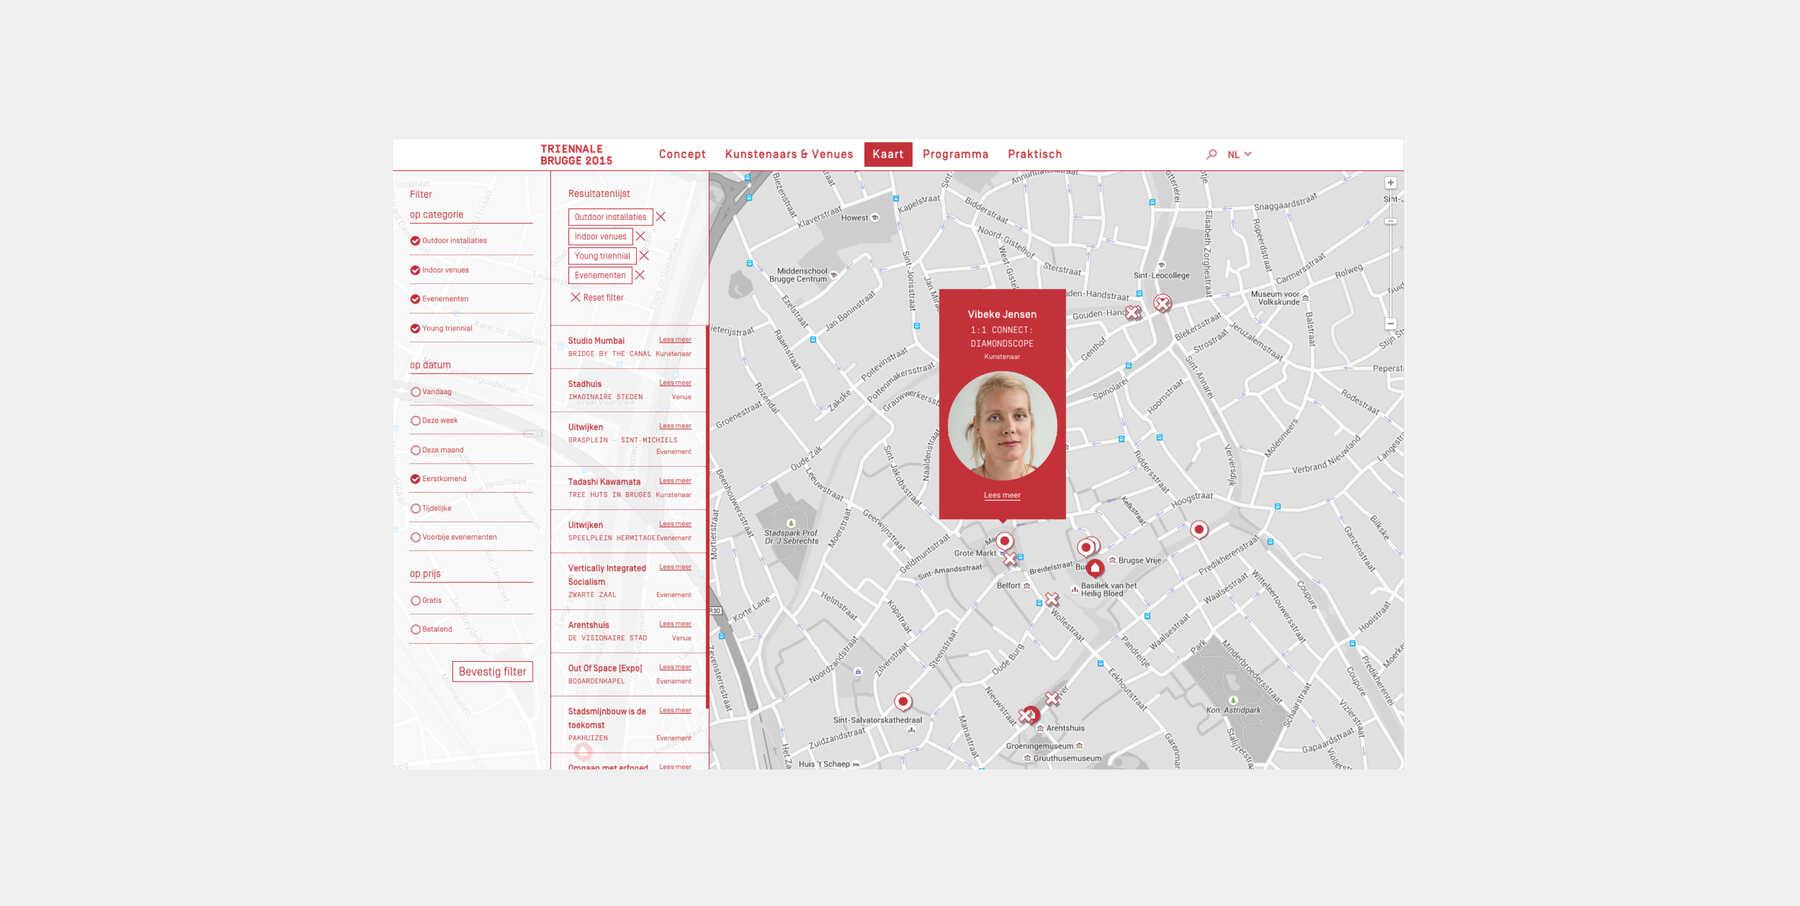 Triënnale Brugge kaart